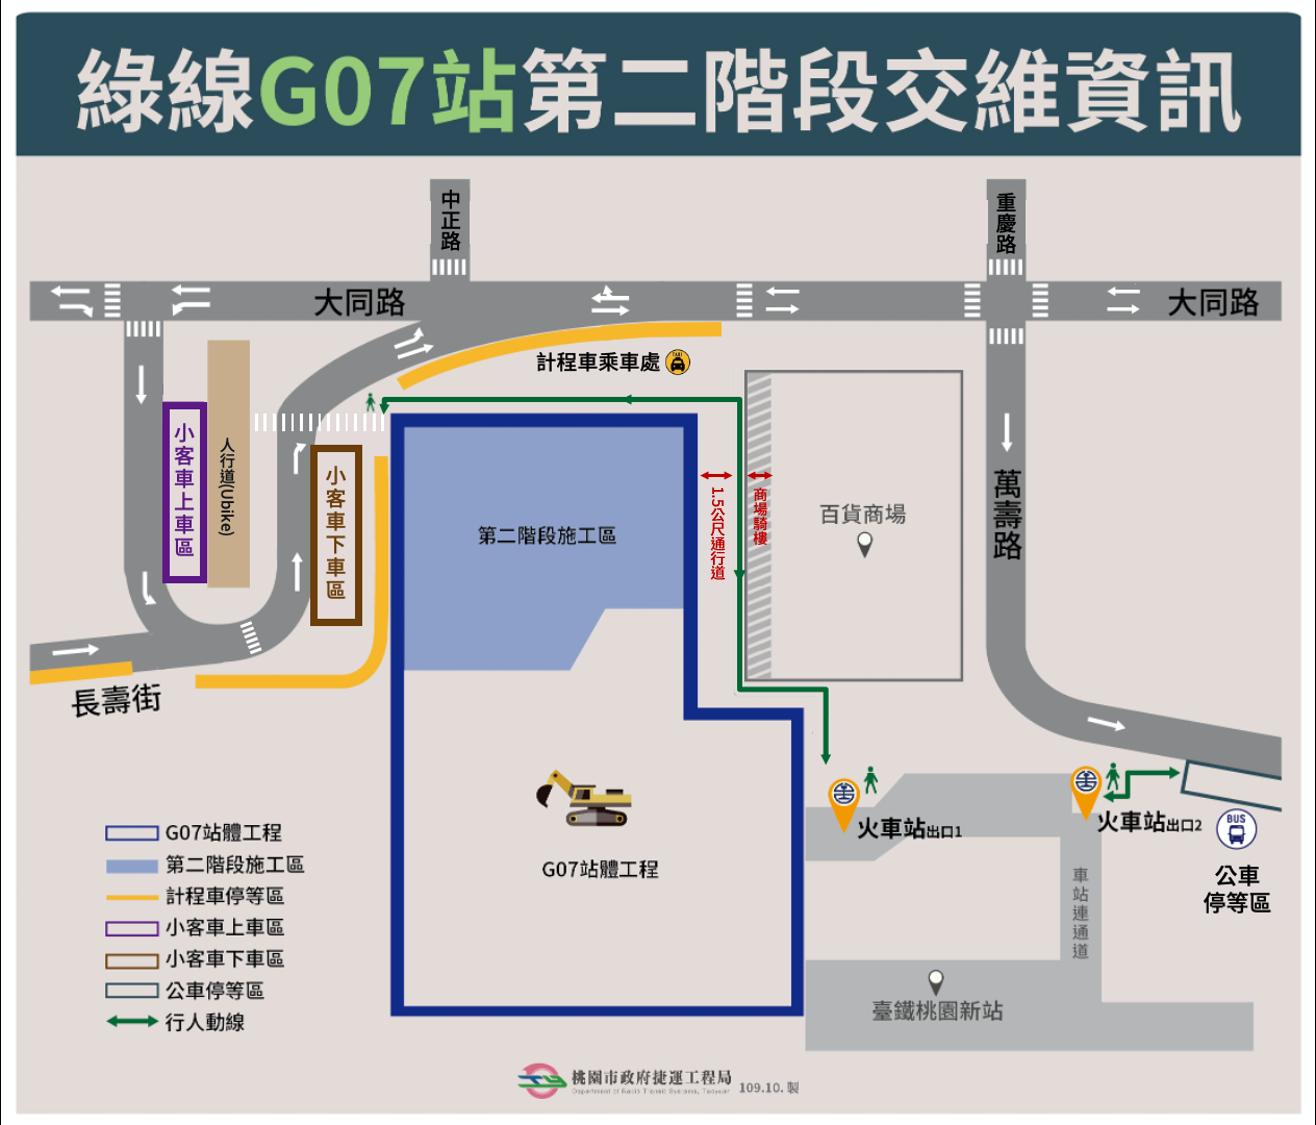 綠線G07站第二階段交維資訊